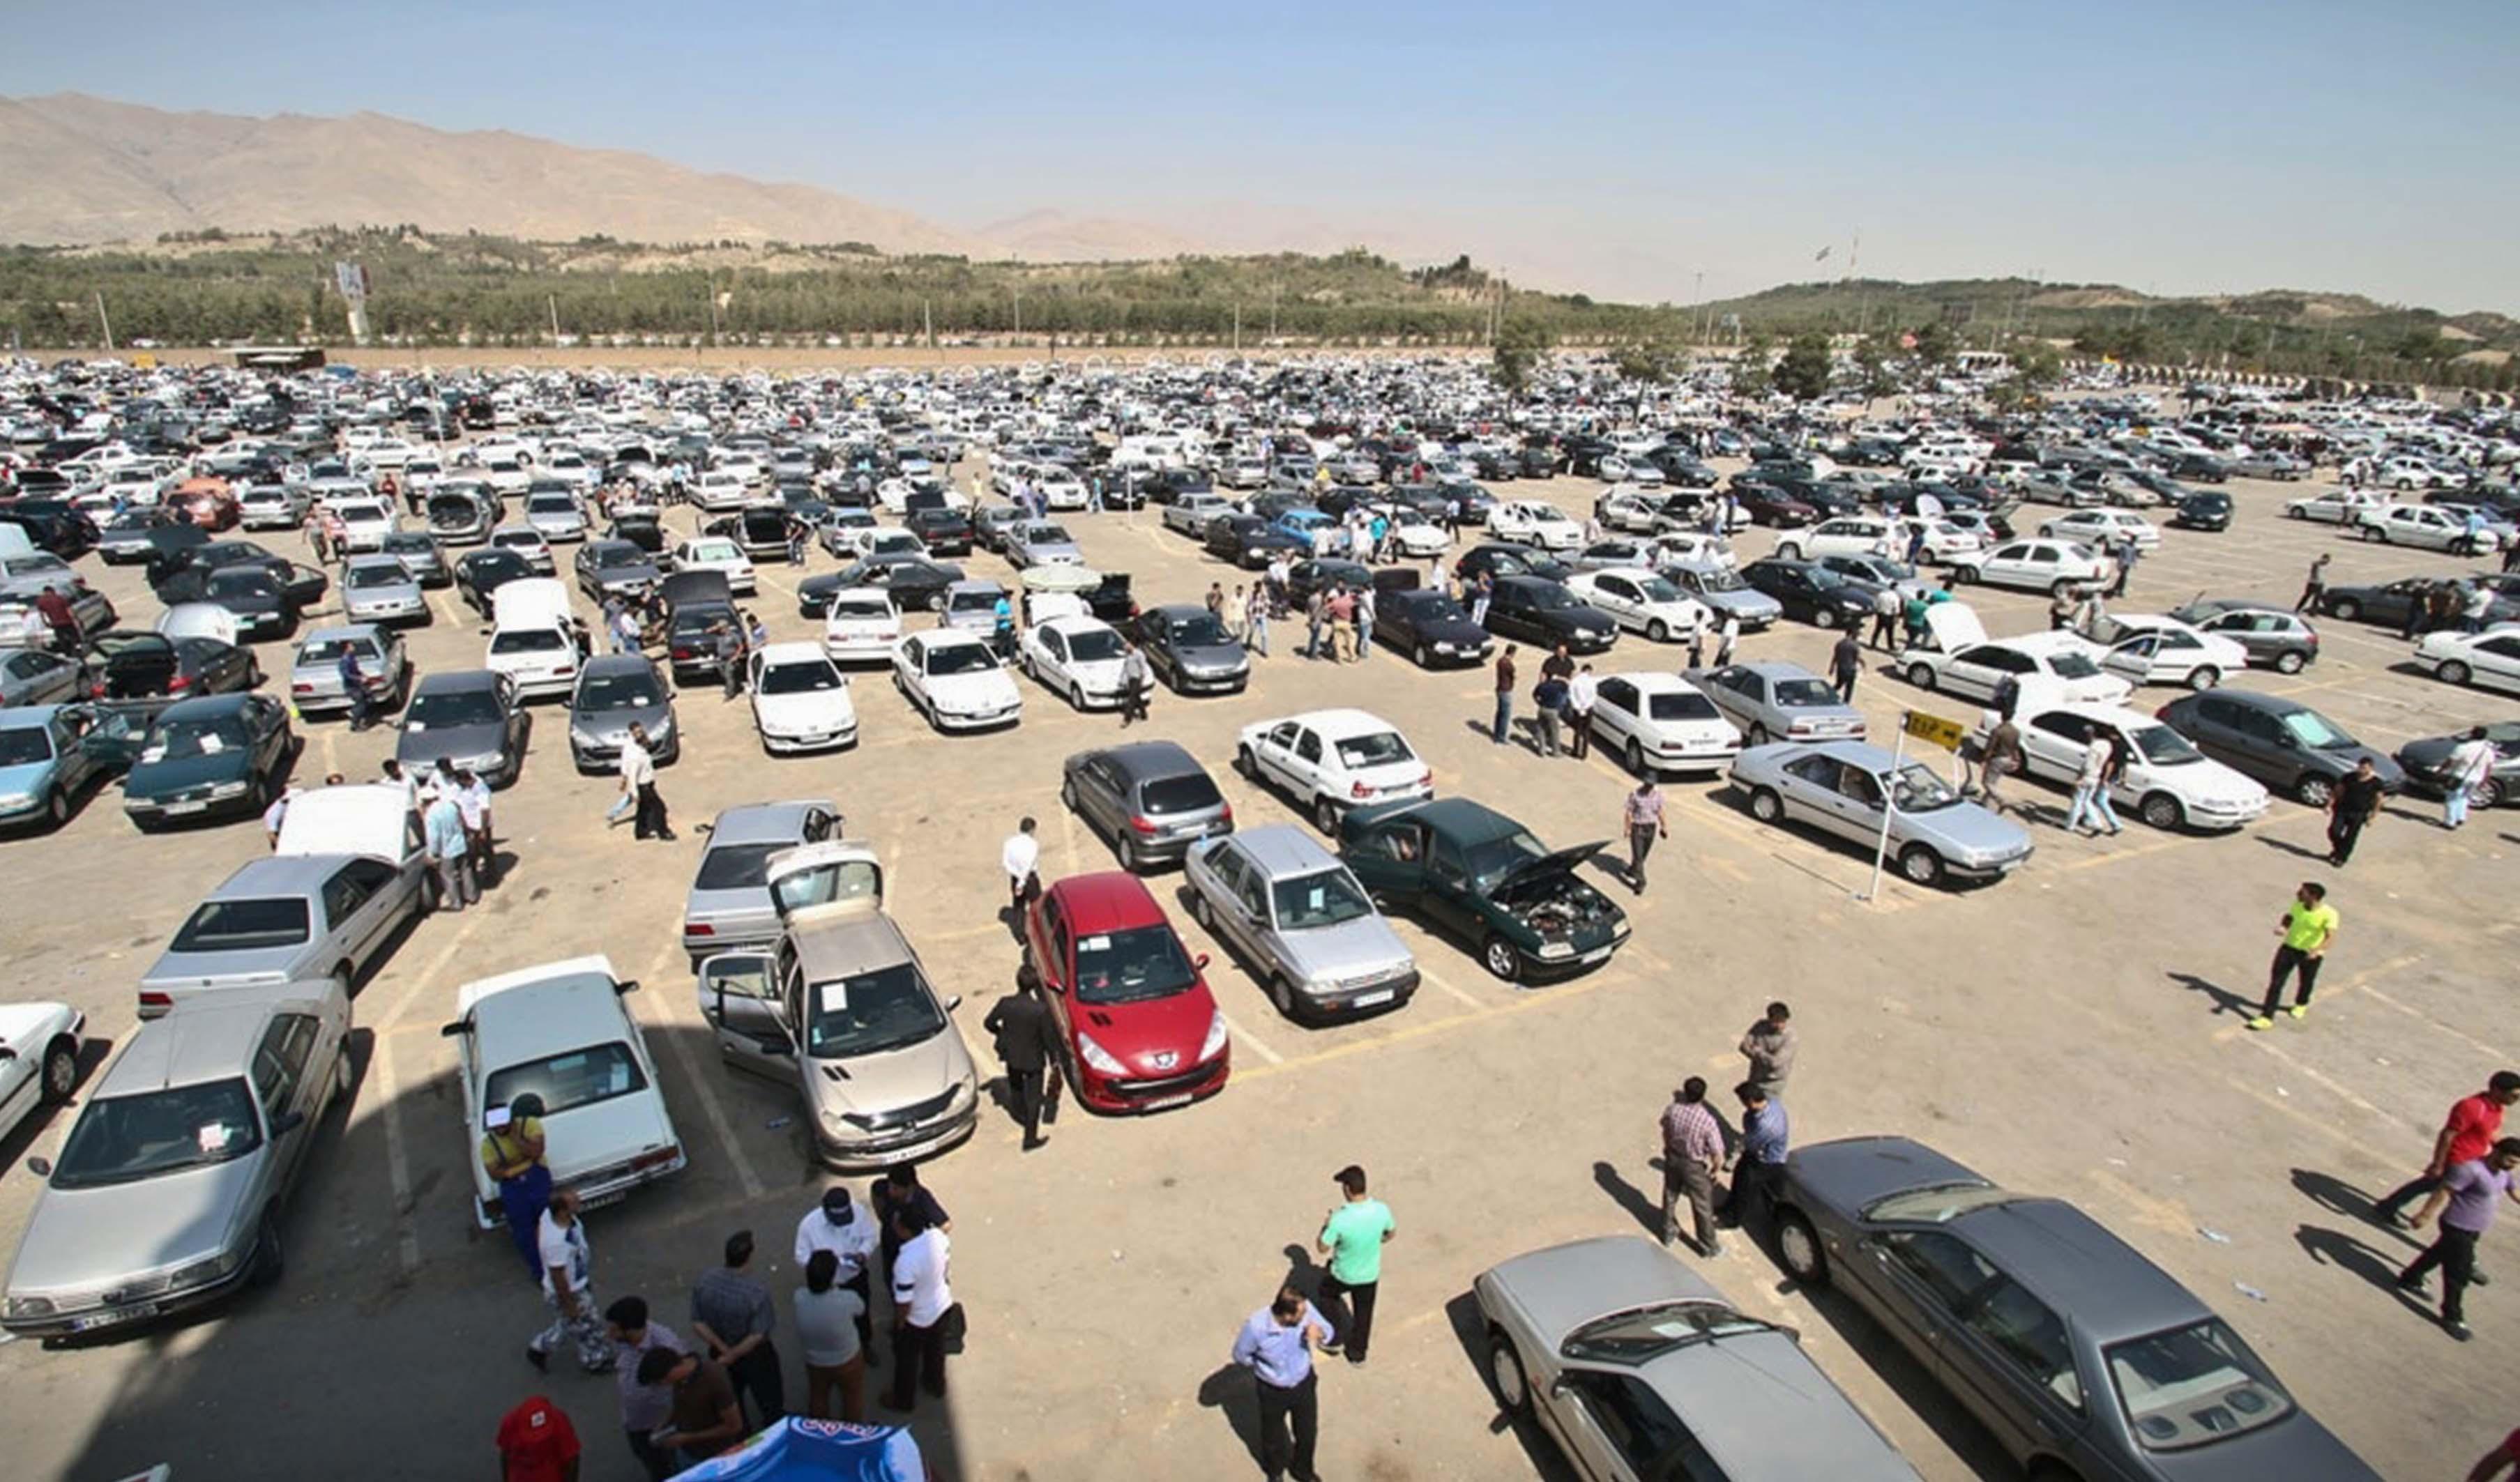 آخرین قیمت خودروهای داخلی/پژو پارس ١١٨ میلیون تومان شد